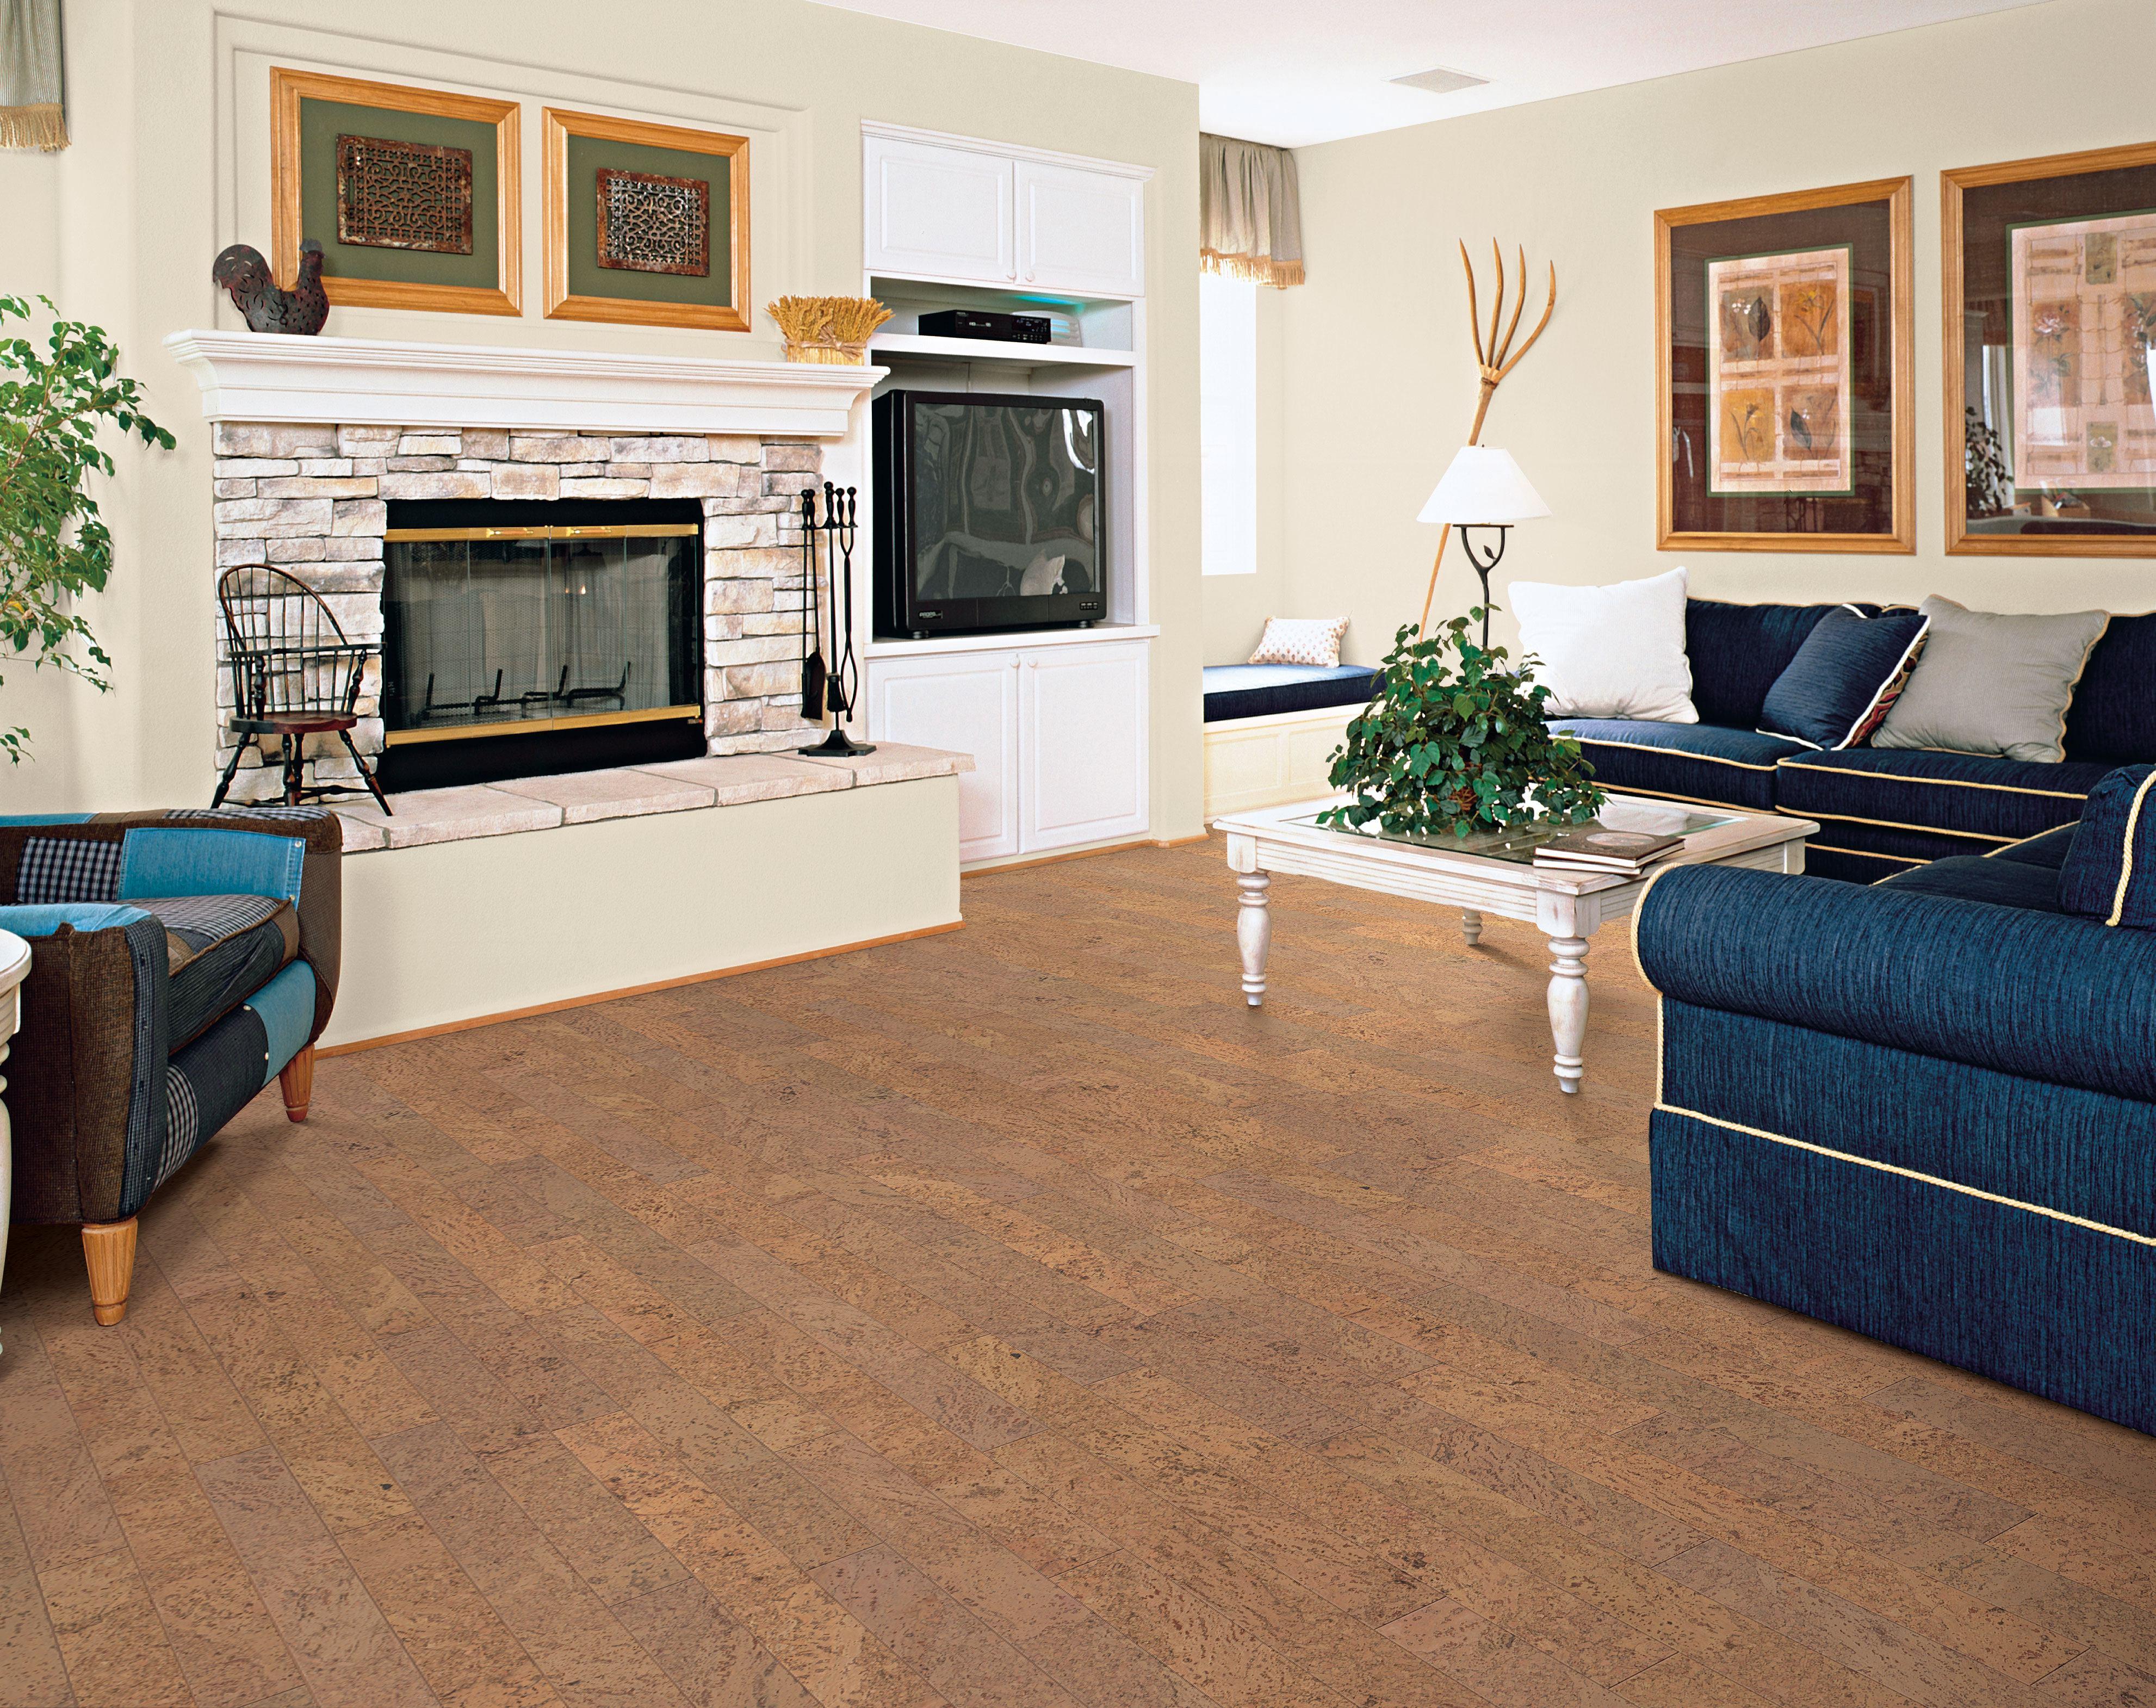 ein Wohnzimmer mit Kork Boden blaue Couch ein Kamin zwei abstrakte Bilder Fernseher